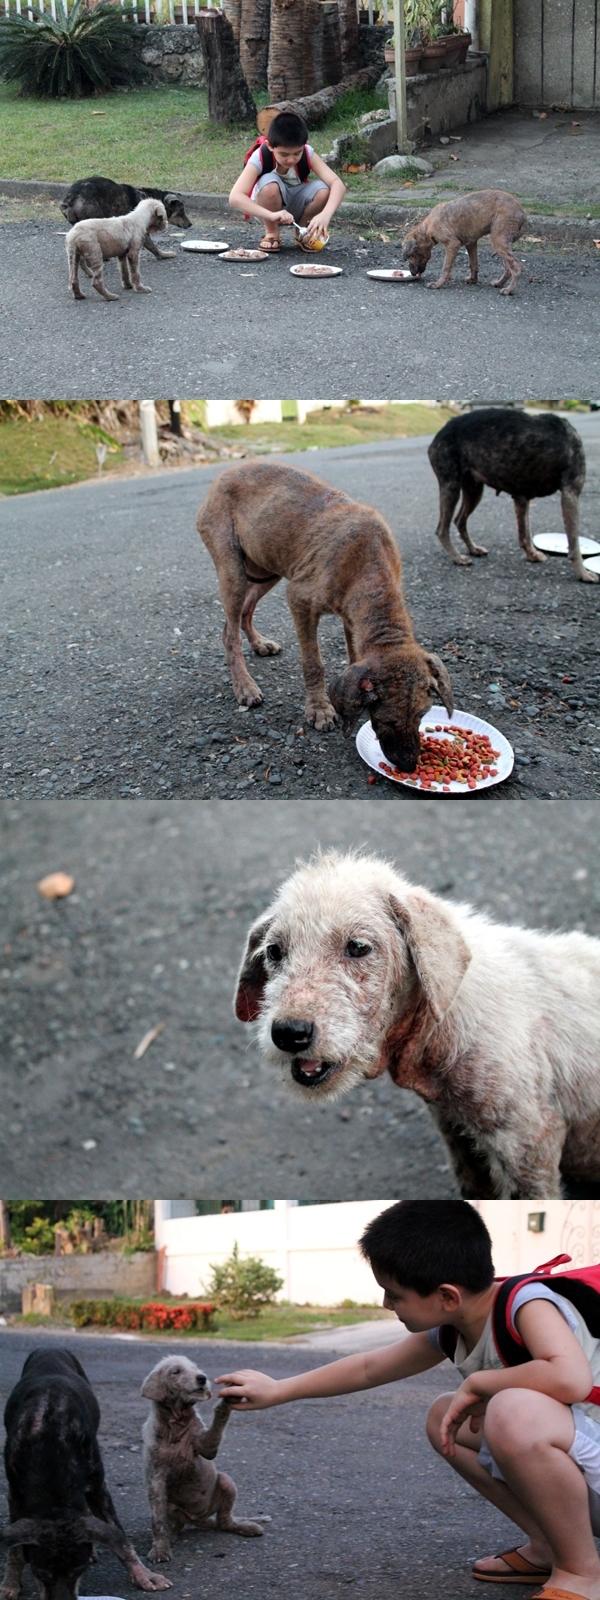 Một cậu bé người Philippines mỗi ngày đều đem thức ăn cho 4 chú chó hoang đói khát (trong đó 1 con đã bị bắt cóc) sống gần nhà. Sau khi biết việc làm của con trai, bố cậu bé liền xây cho cậu một chuồng chó trong gara nhà mình để cậu dẫn 3 chú chó còn lại về nhà chăm sóc.